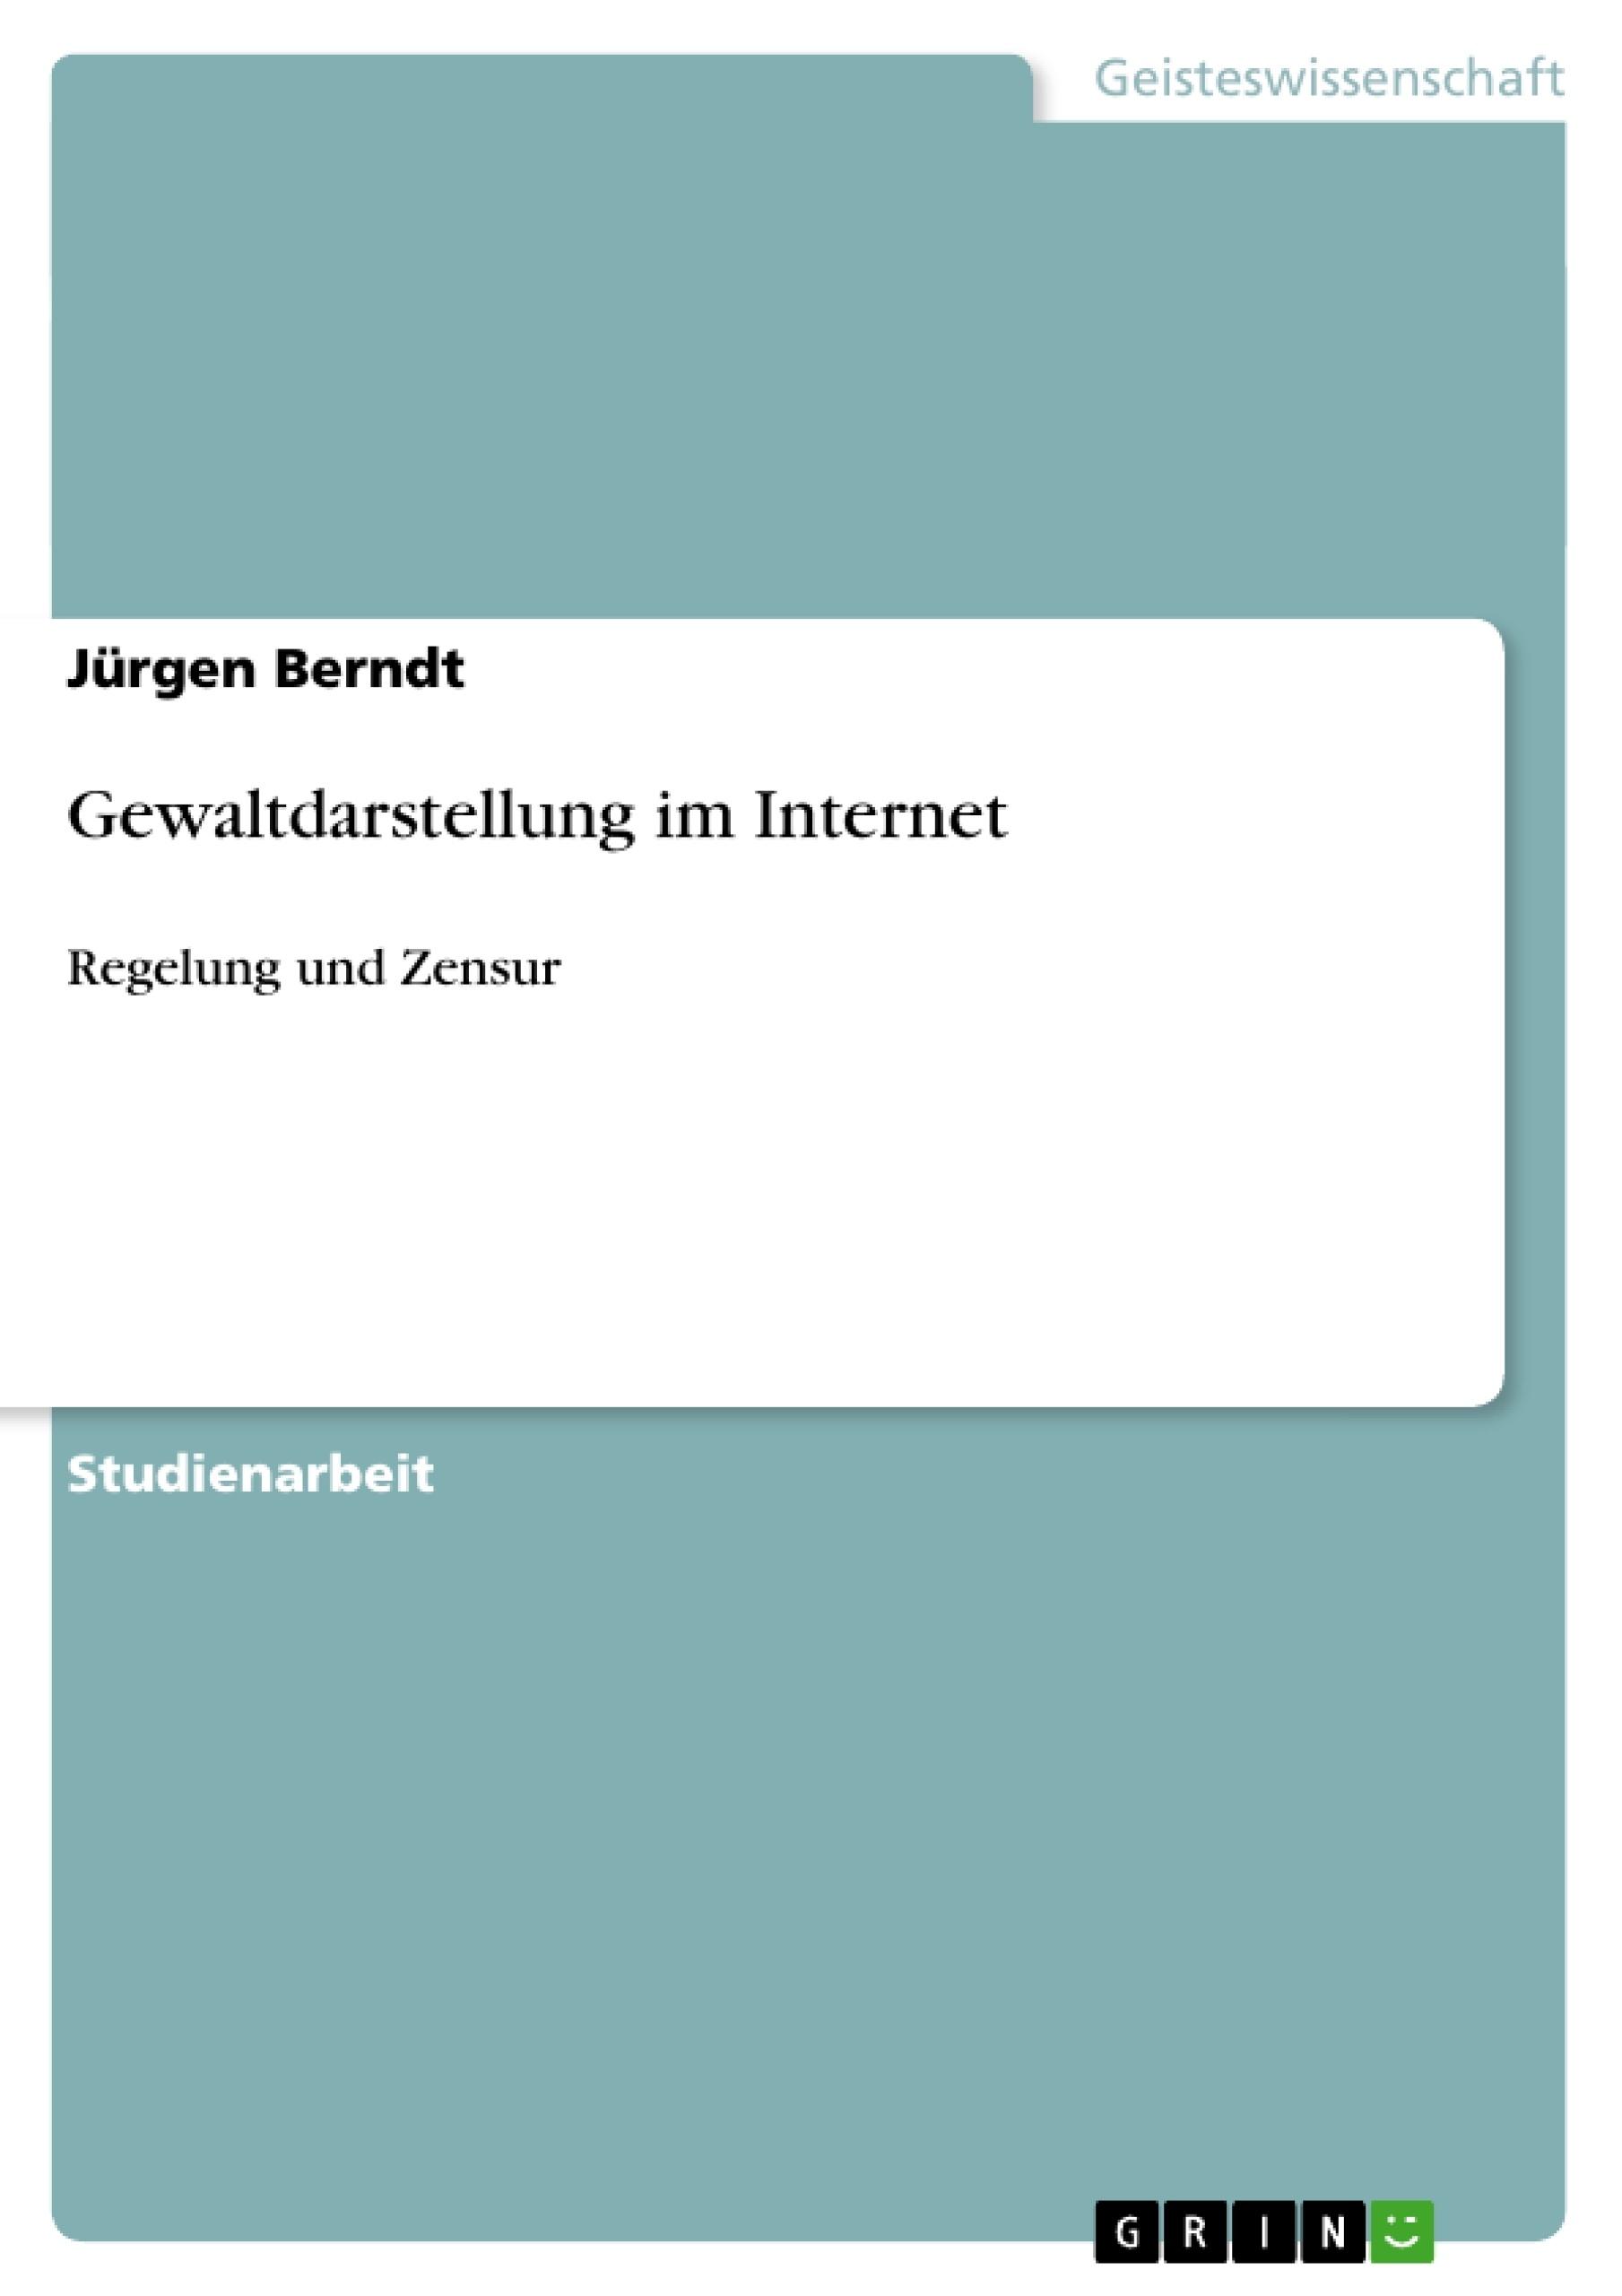 Titel: Gewaltdarstellung im Internet